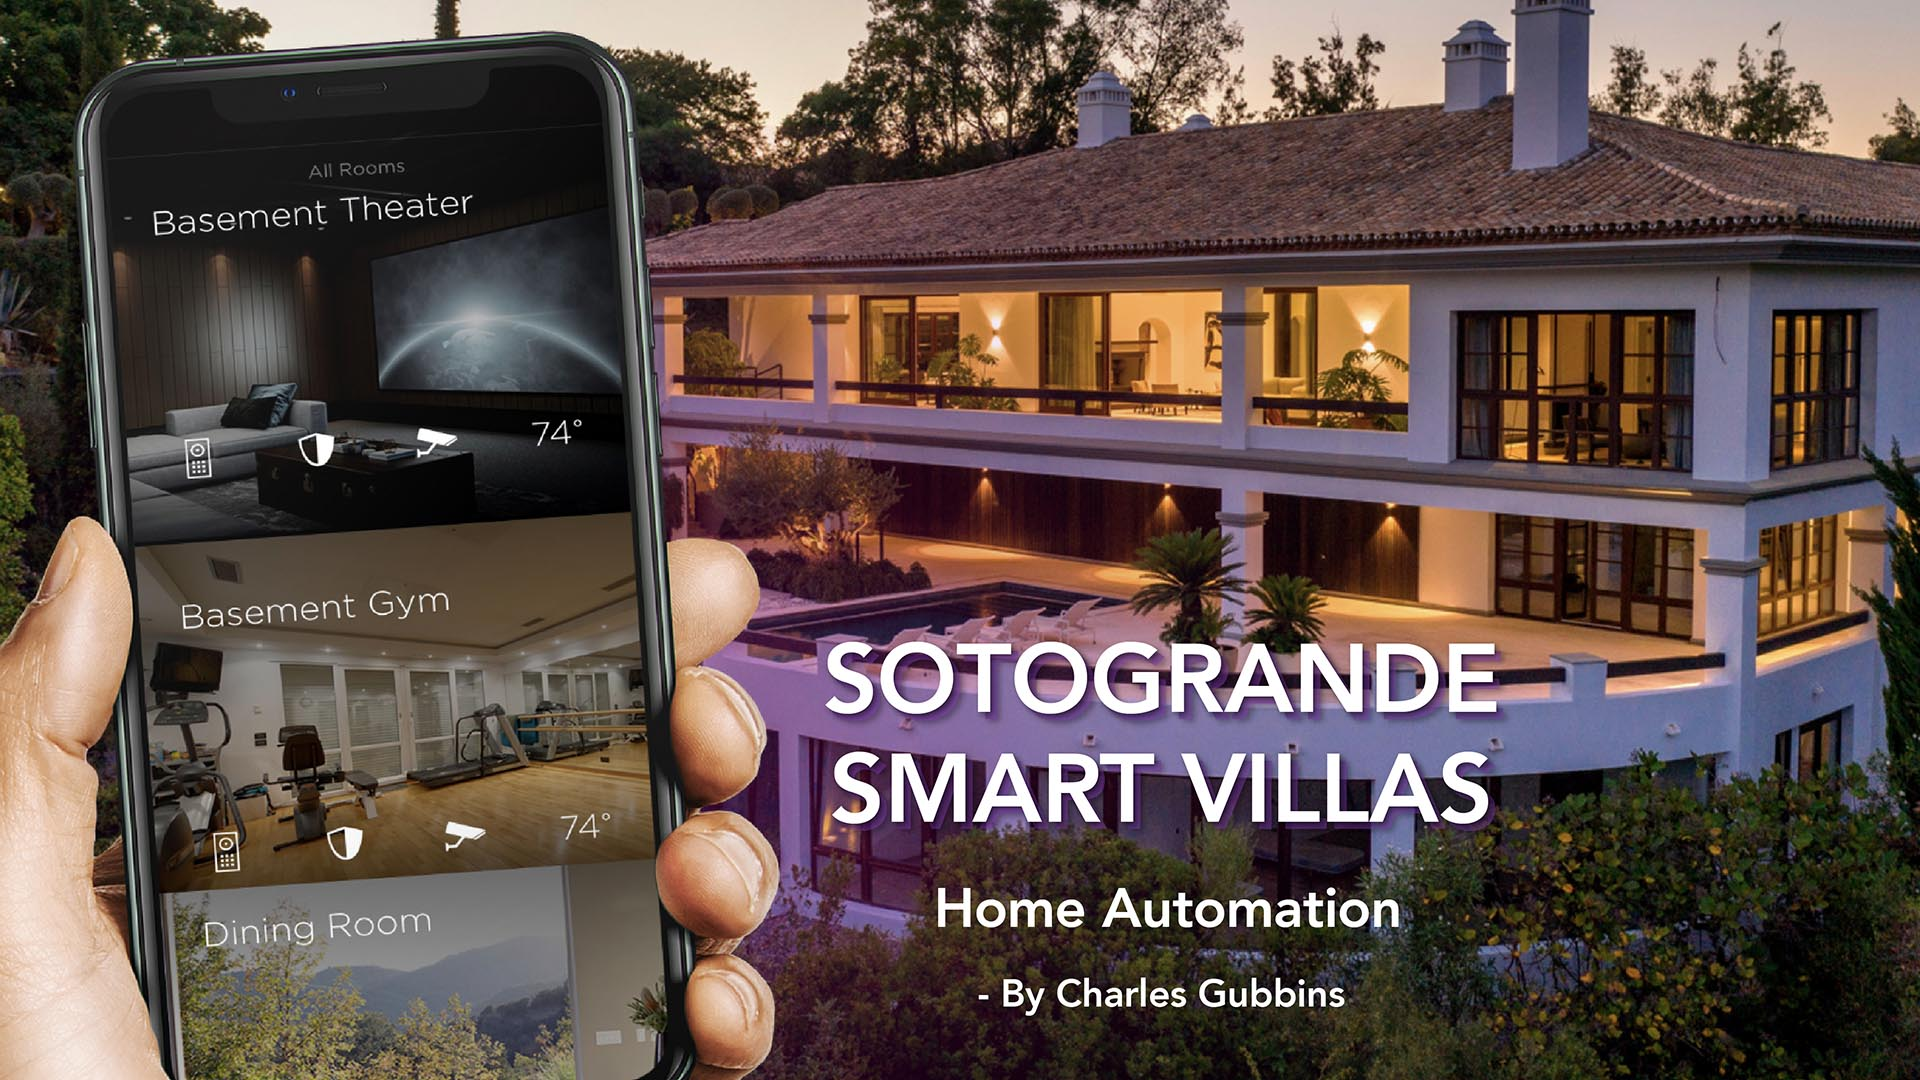 Smart Homes Sotogrande /// Hand Mockup Designed by mockup.store / Freepik